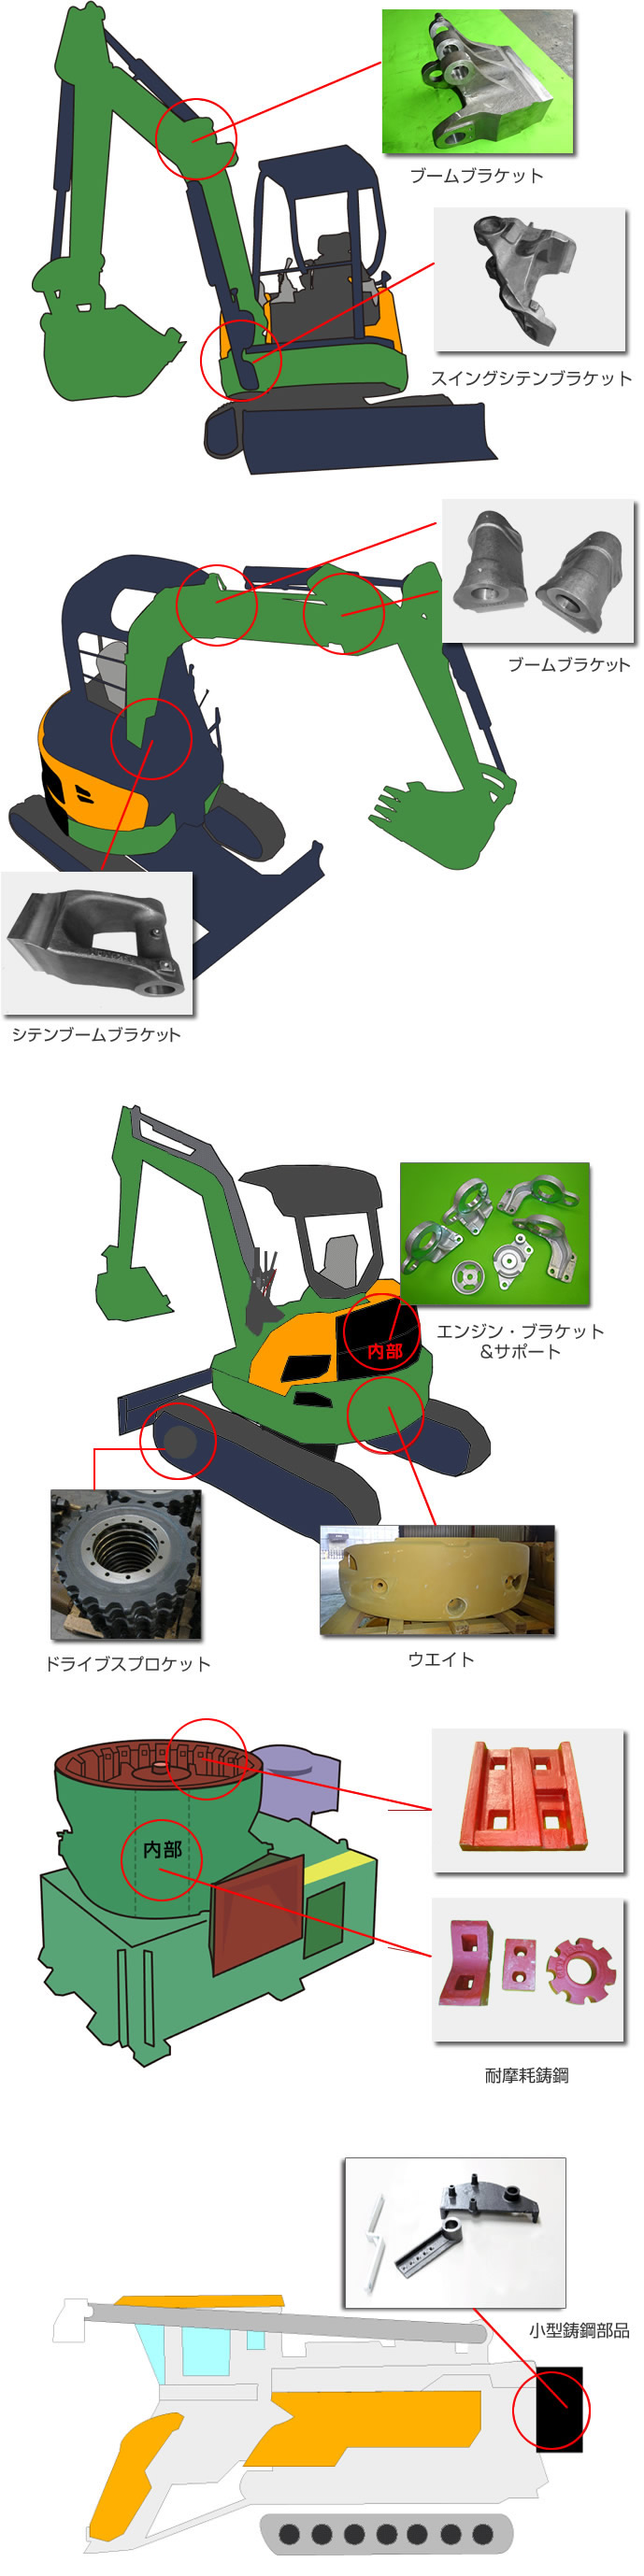 機械部品事業